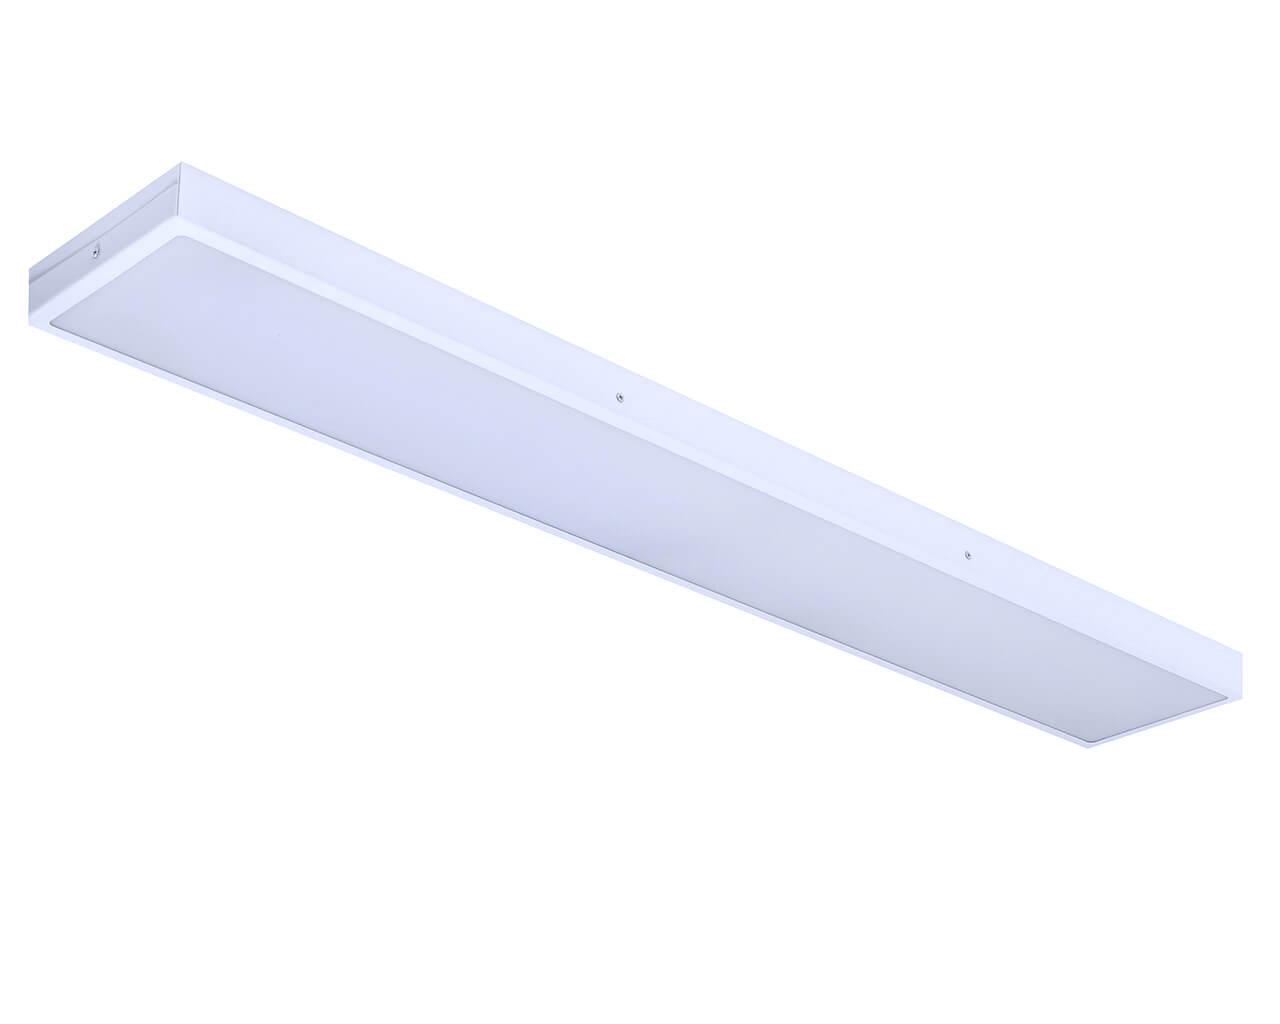 Накладной светильник LC-NS-SIP65-60-OP 1195*180 IP65 Теплый белый Опал